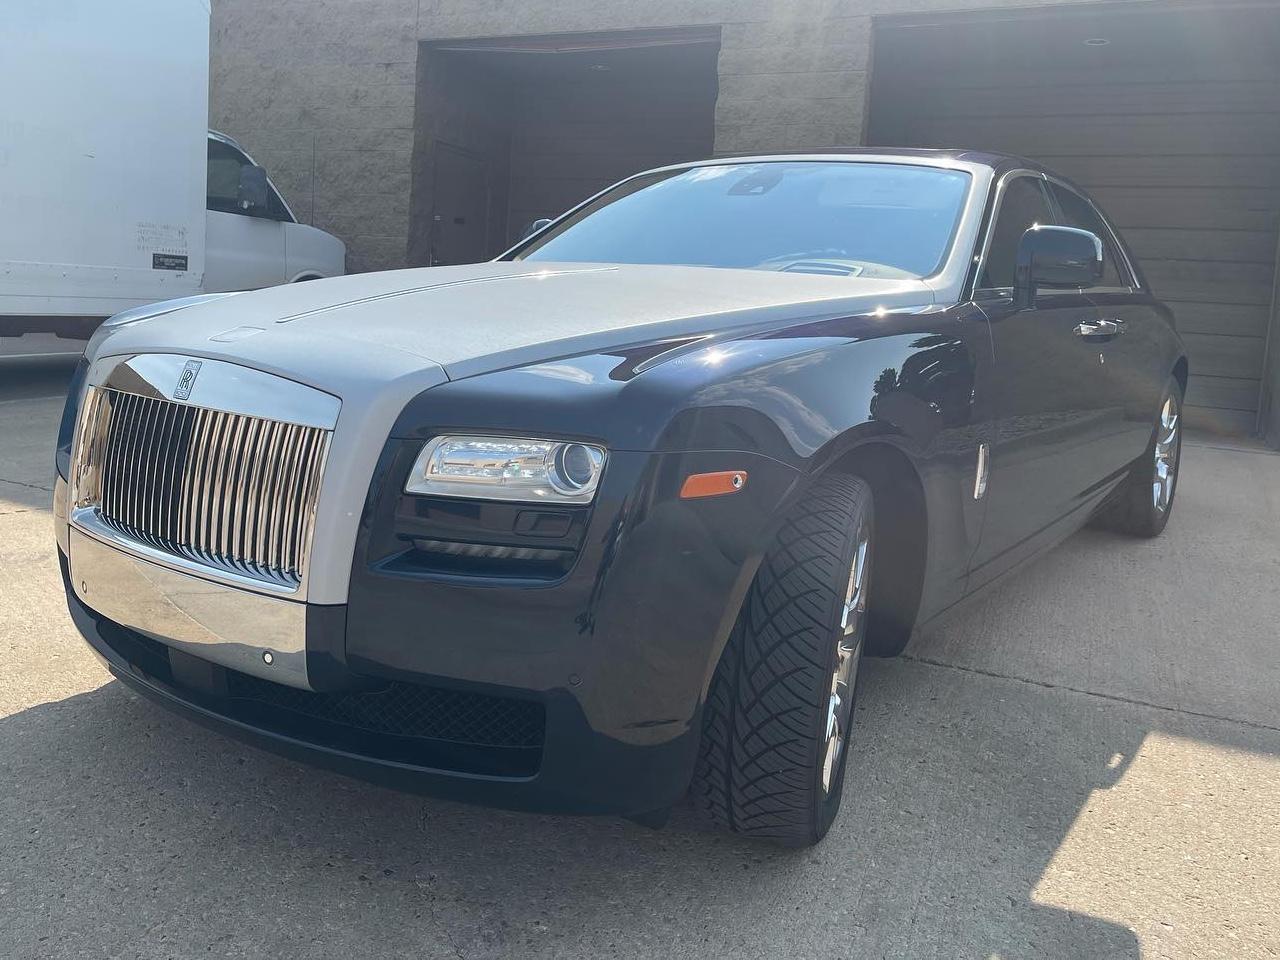 Rolls Royce Ghost 5% window tint